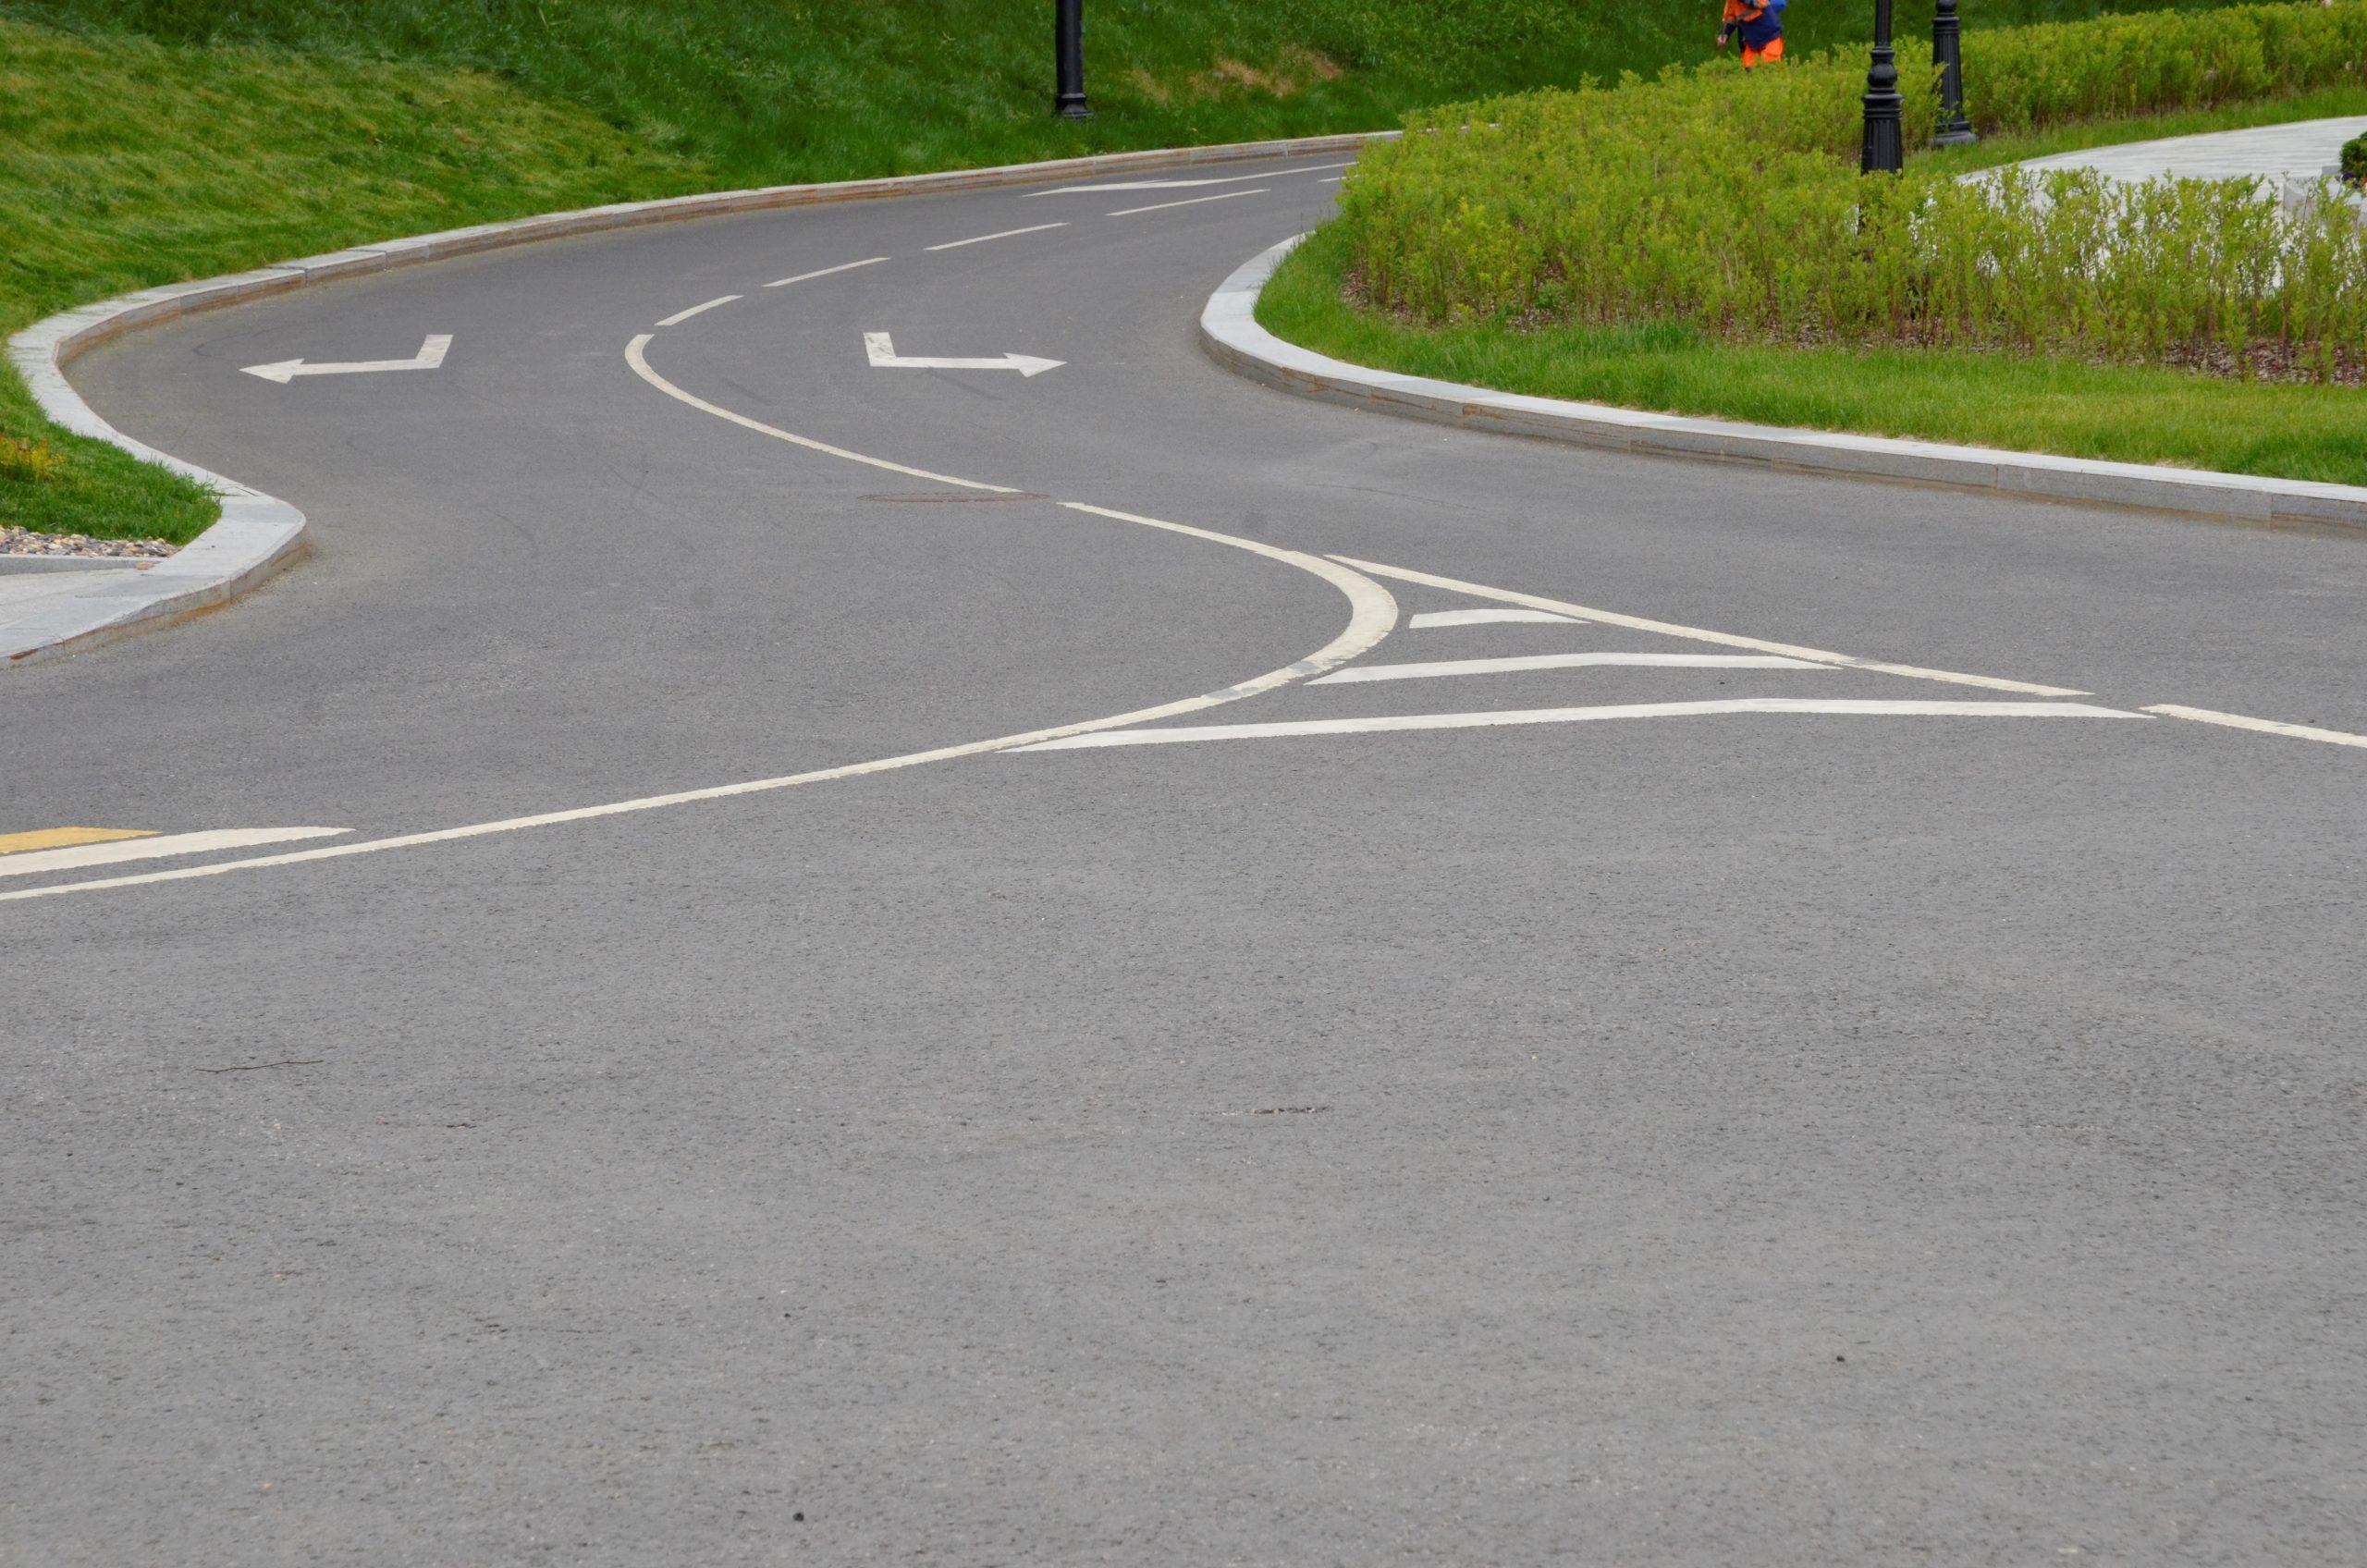 Две крупные магистрали объединят путепроводы